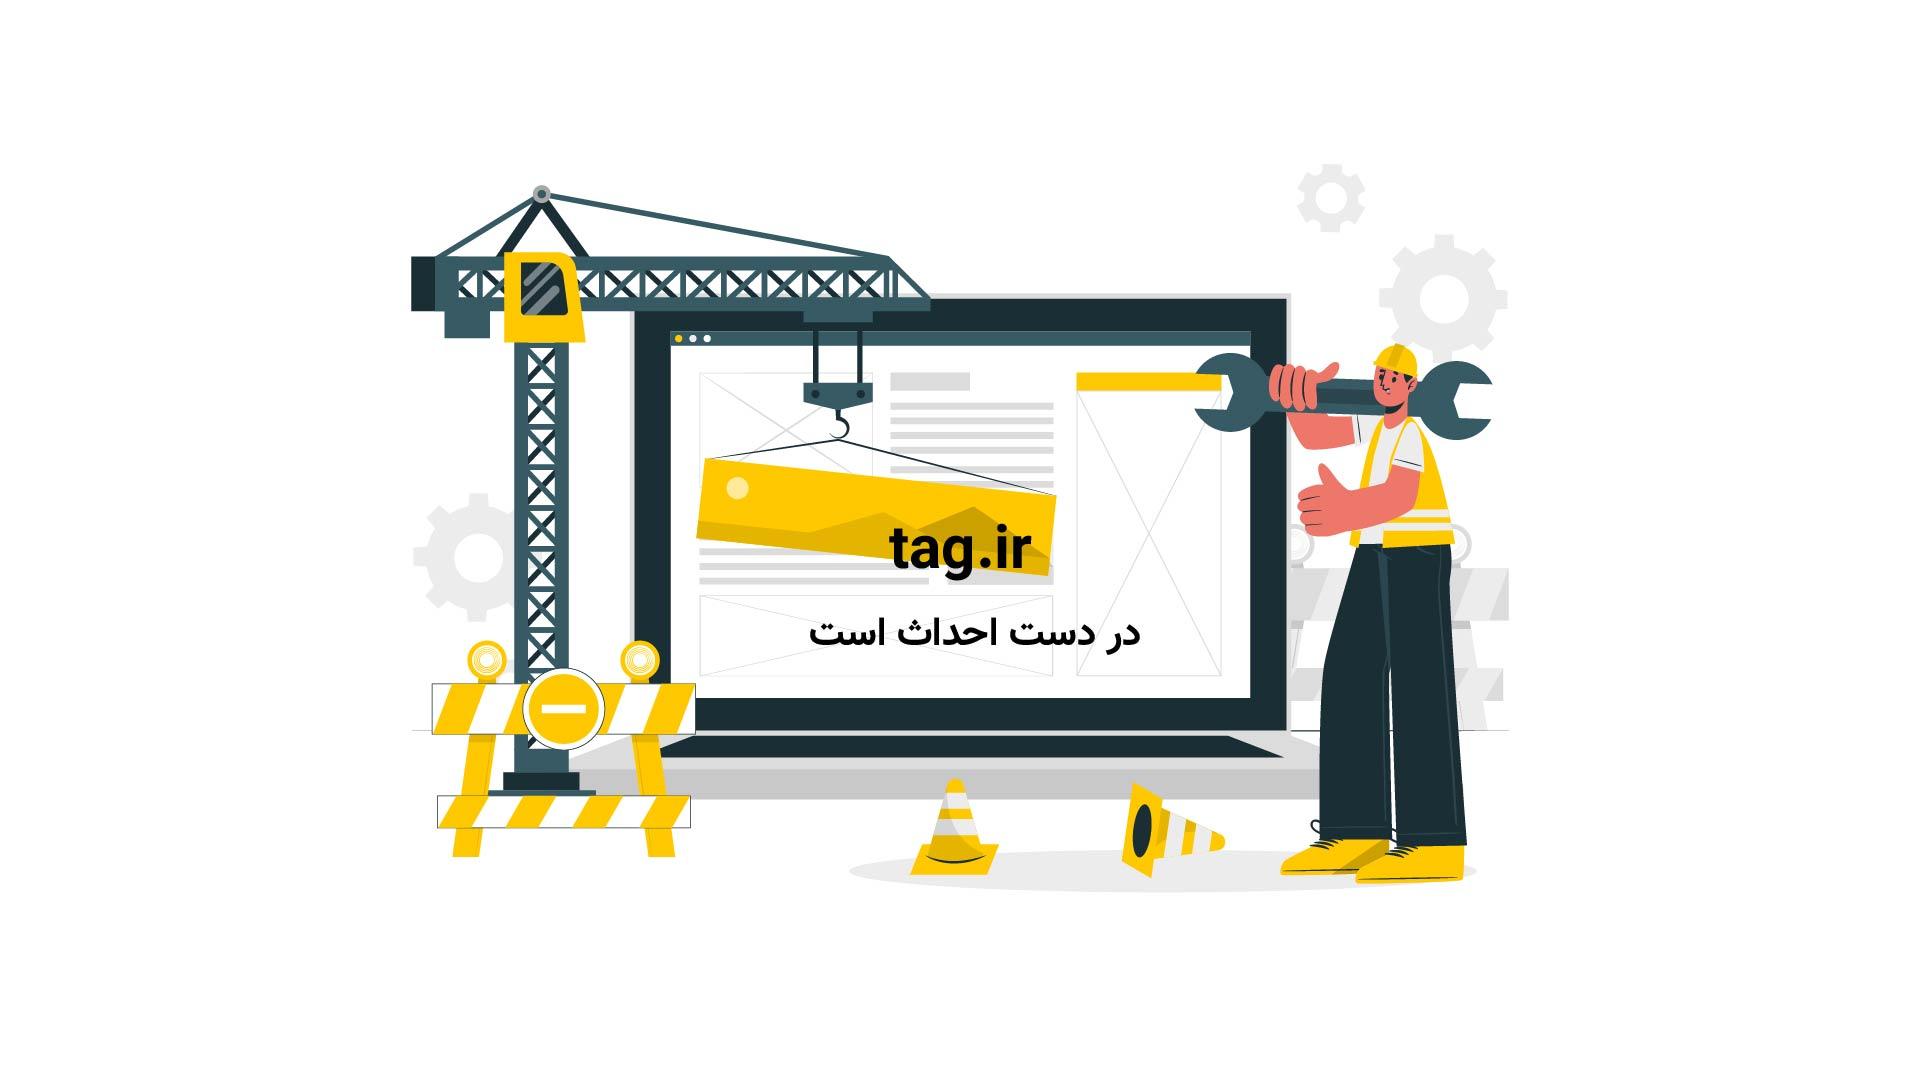 عناوین روزنامههای ورزشی یکشنبه 12 شهریور | فیلم